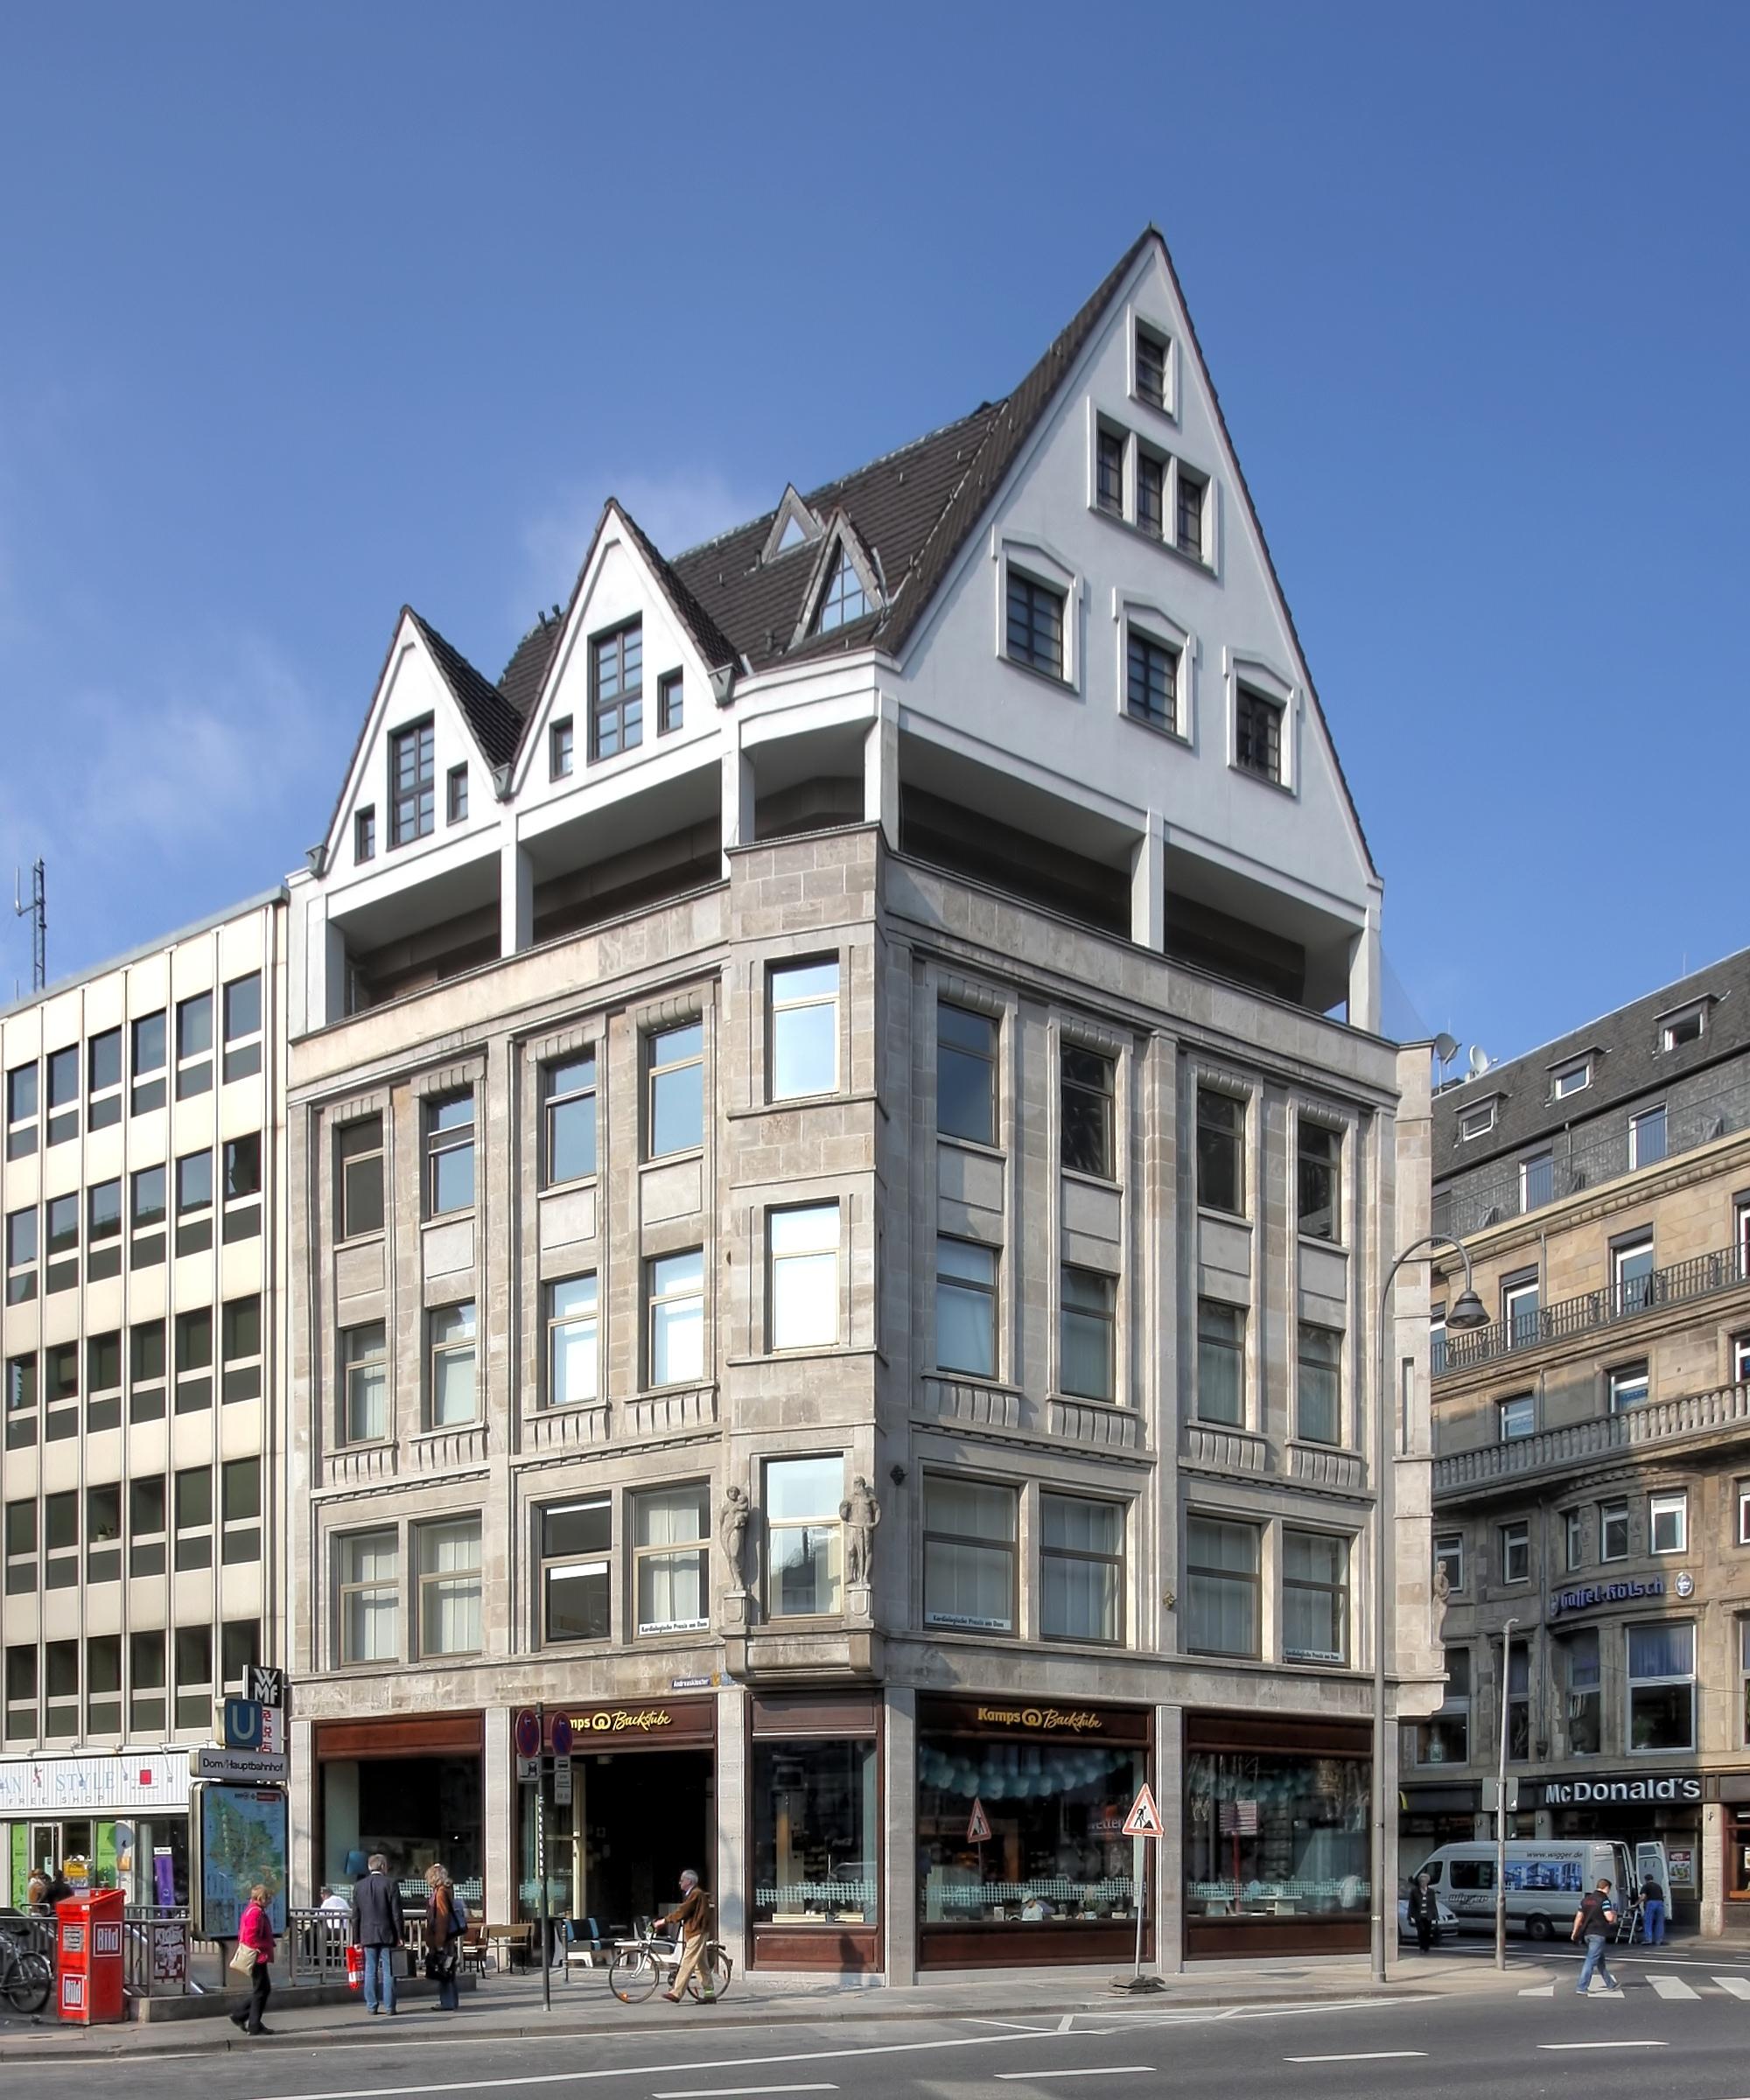 File:Wohn- und Geschäftshaus Marzellenstraße 1 Köln (2633-35).jpg